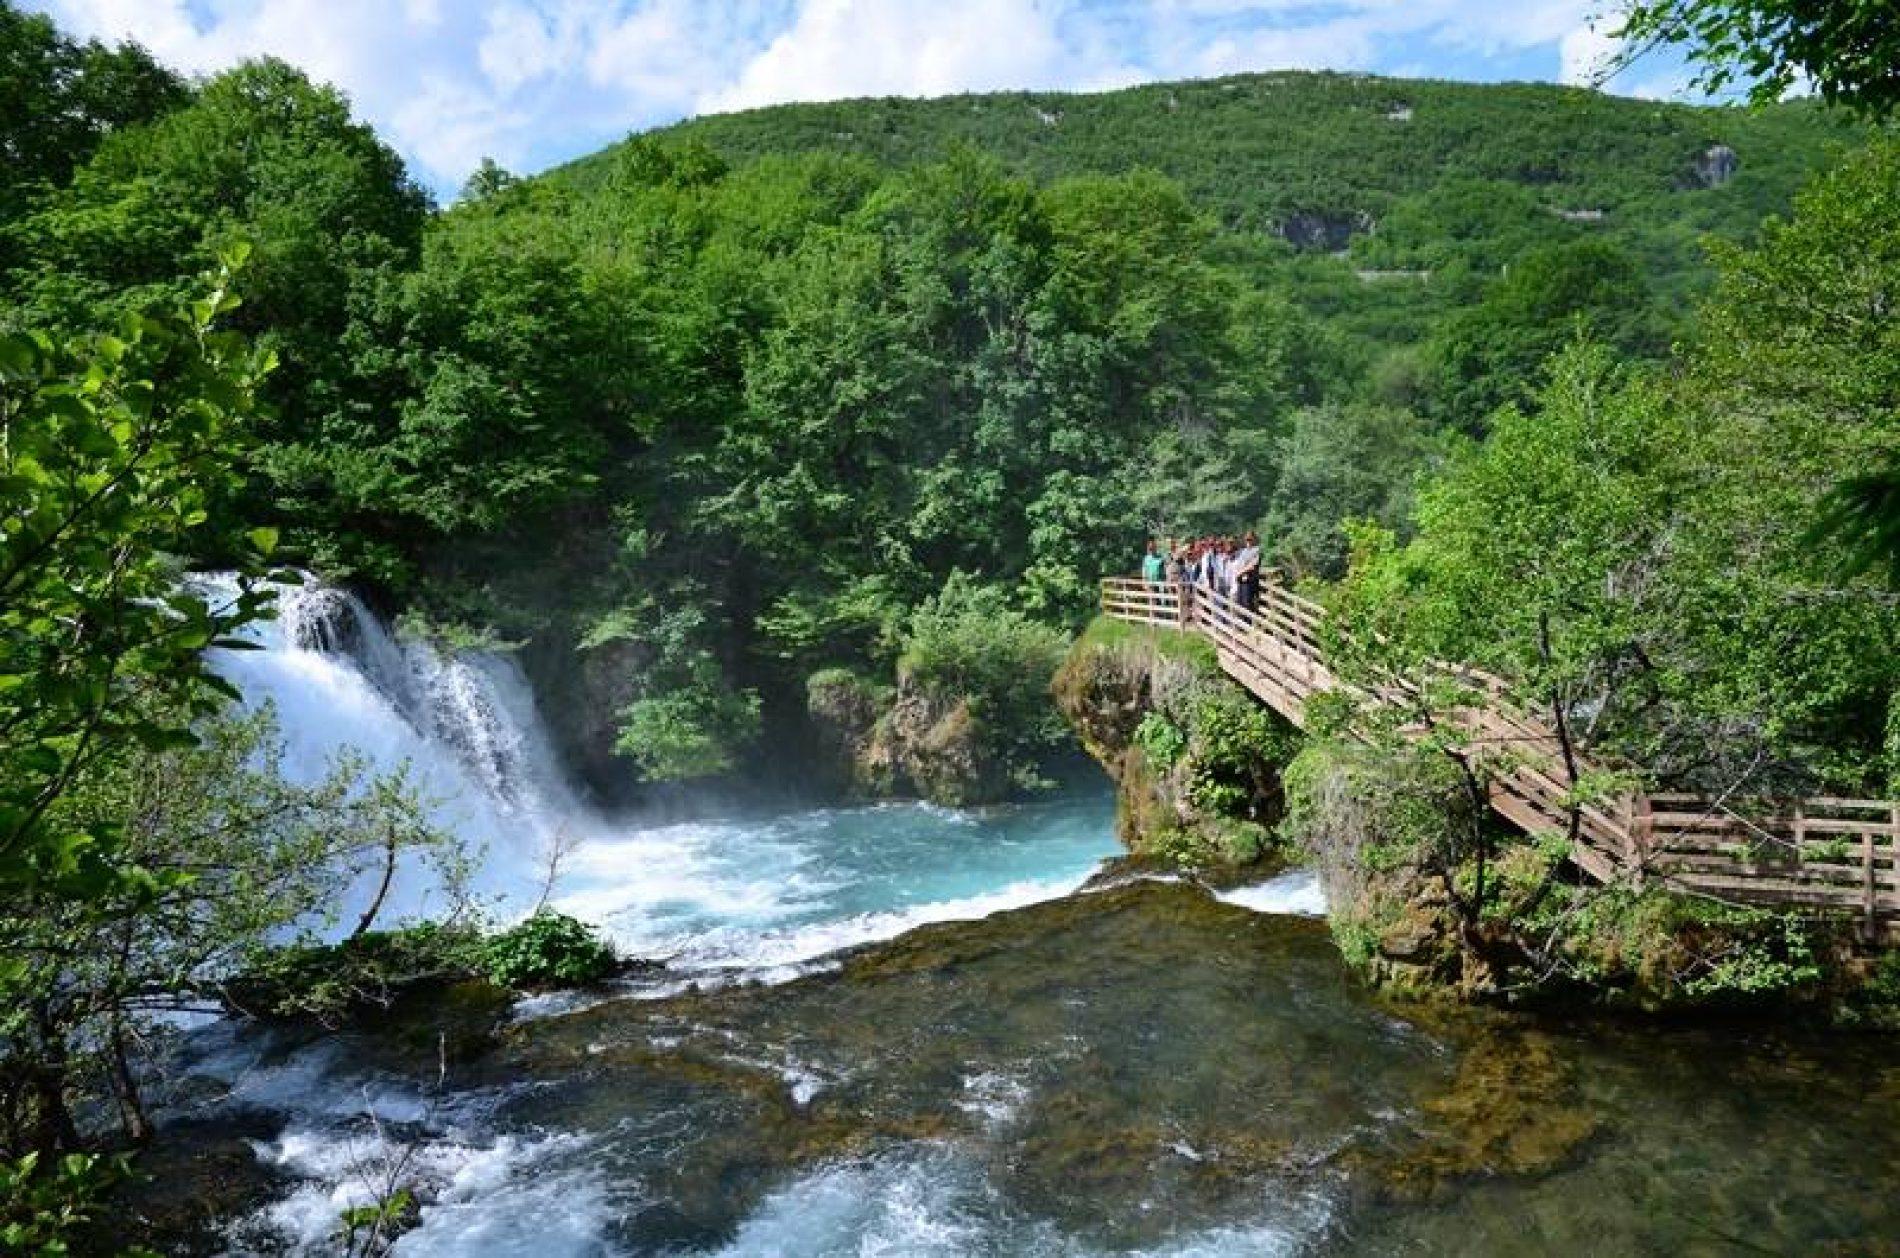 Inicijativa sa Une: Štrbački buk i slapove u Martin Brodu predložiti za upis na Listu prirodne svjetske baštine UNESCO-a